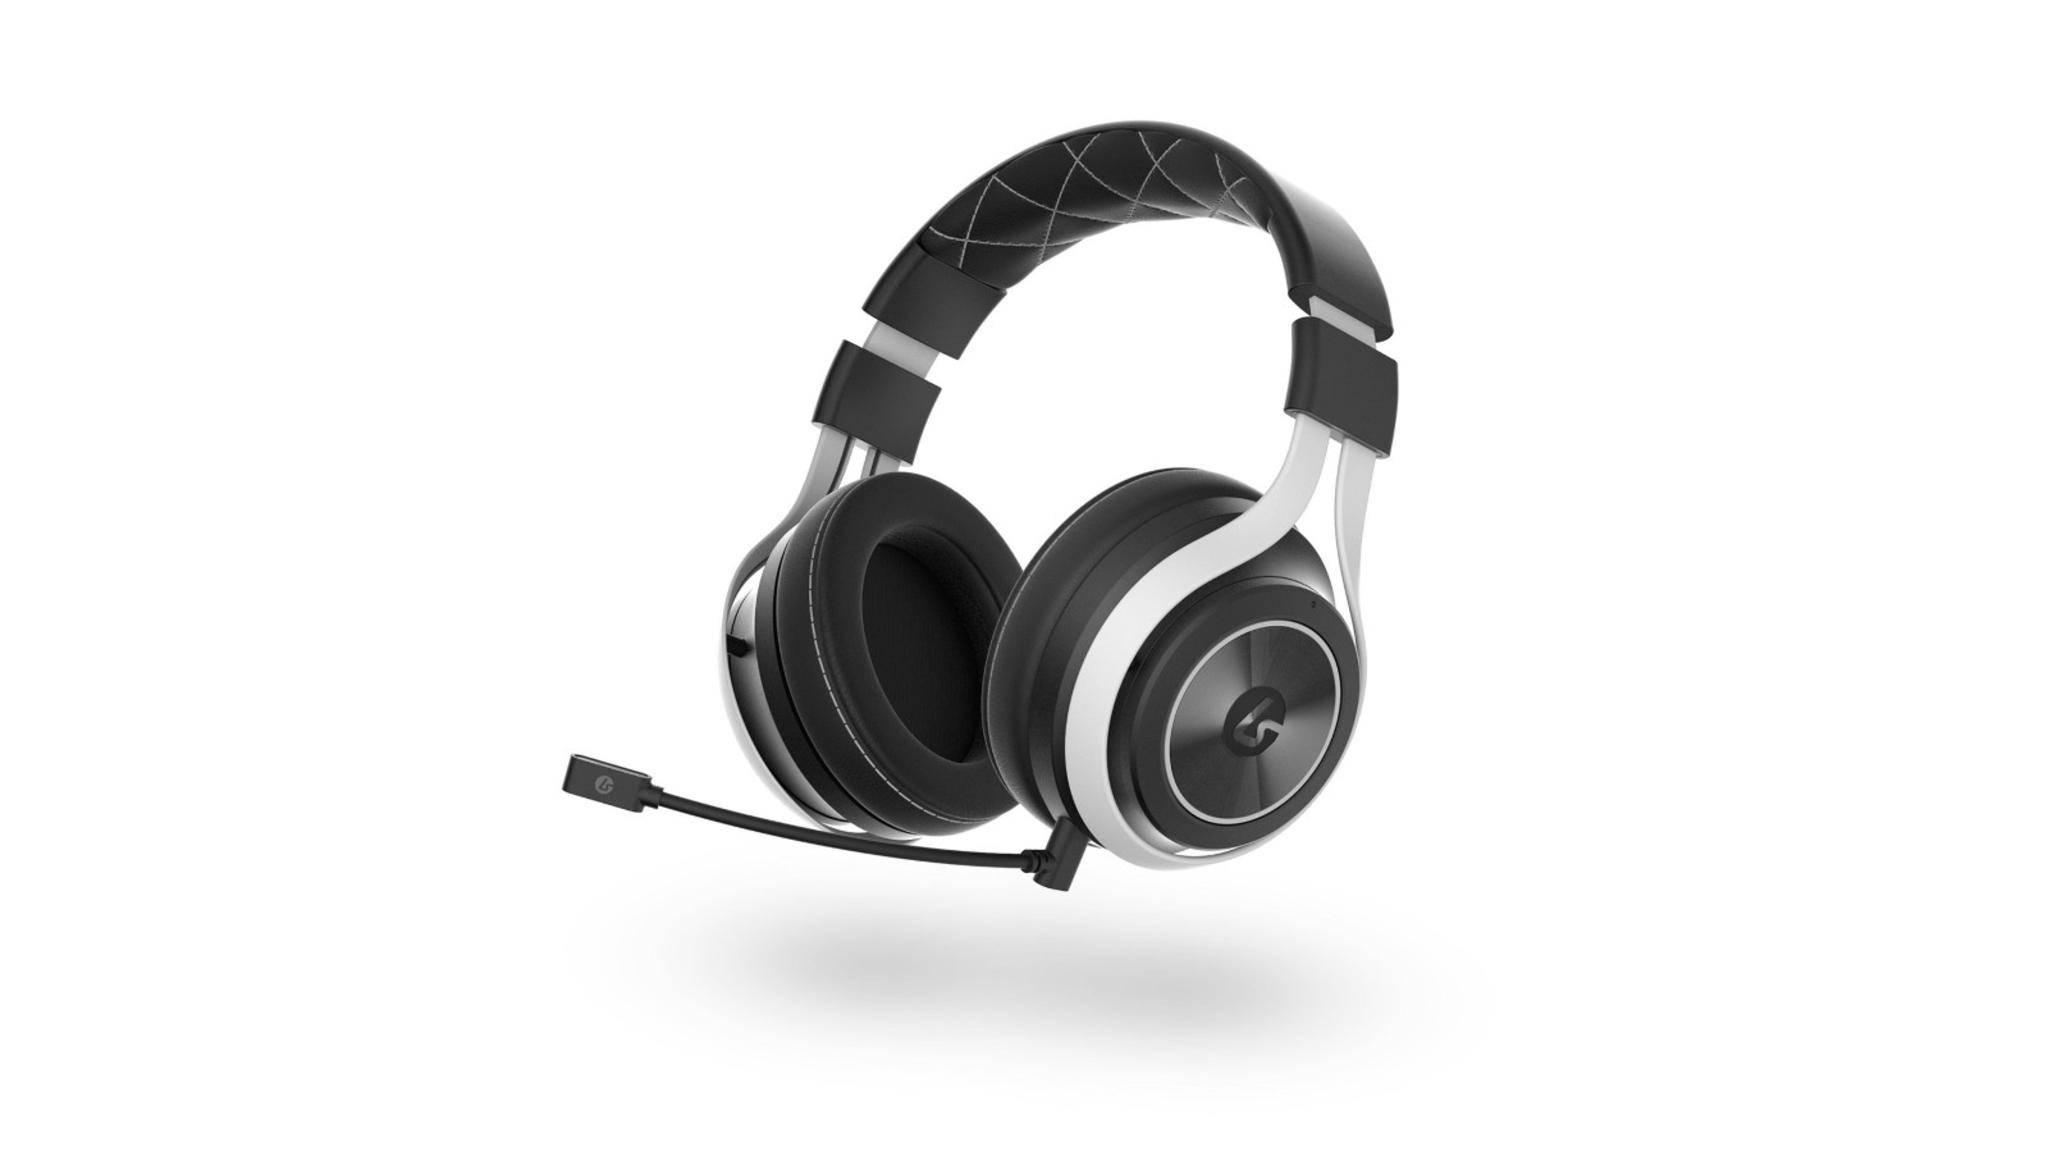 Kopfhörer, Mikrofon – sonst nichts. Das Headset LucidSound LS35X verzichtet sowohl aufKabel, als auch auf einen zusätzlichen Empfänger.